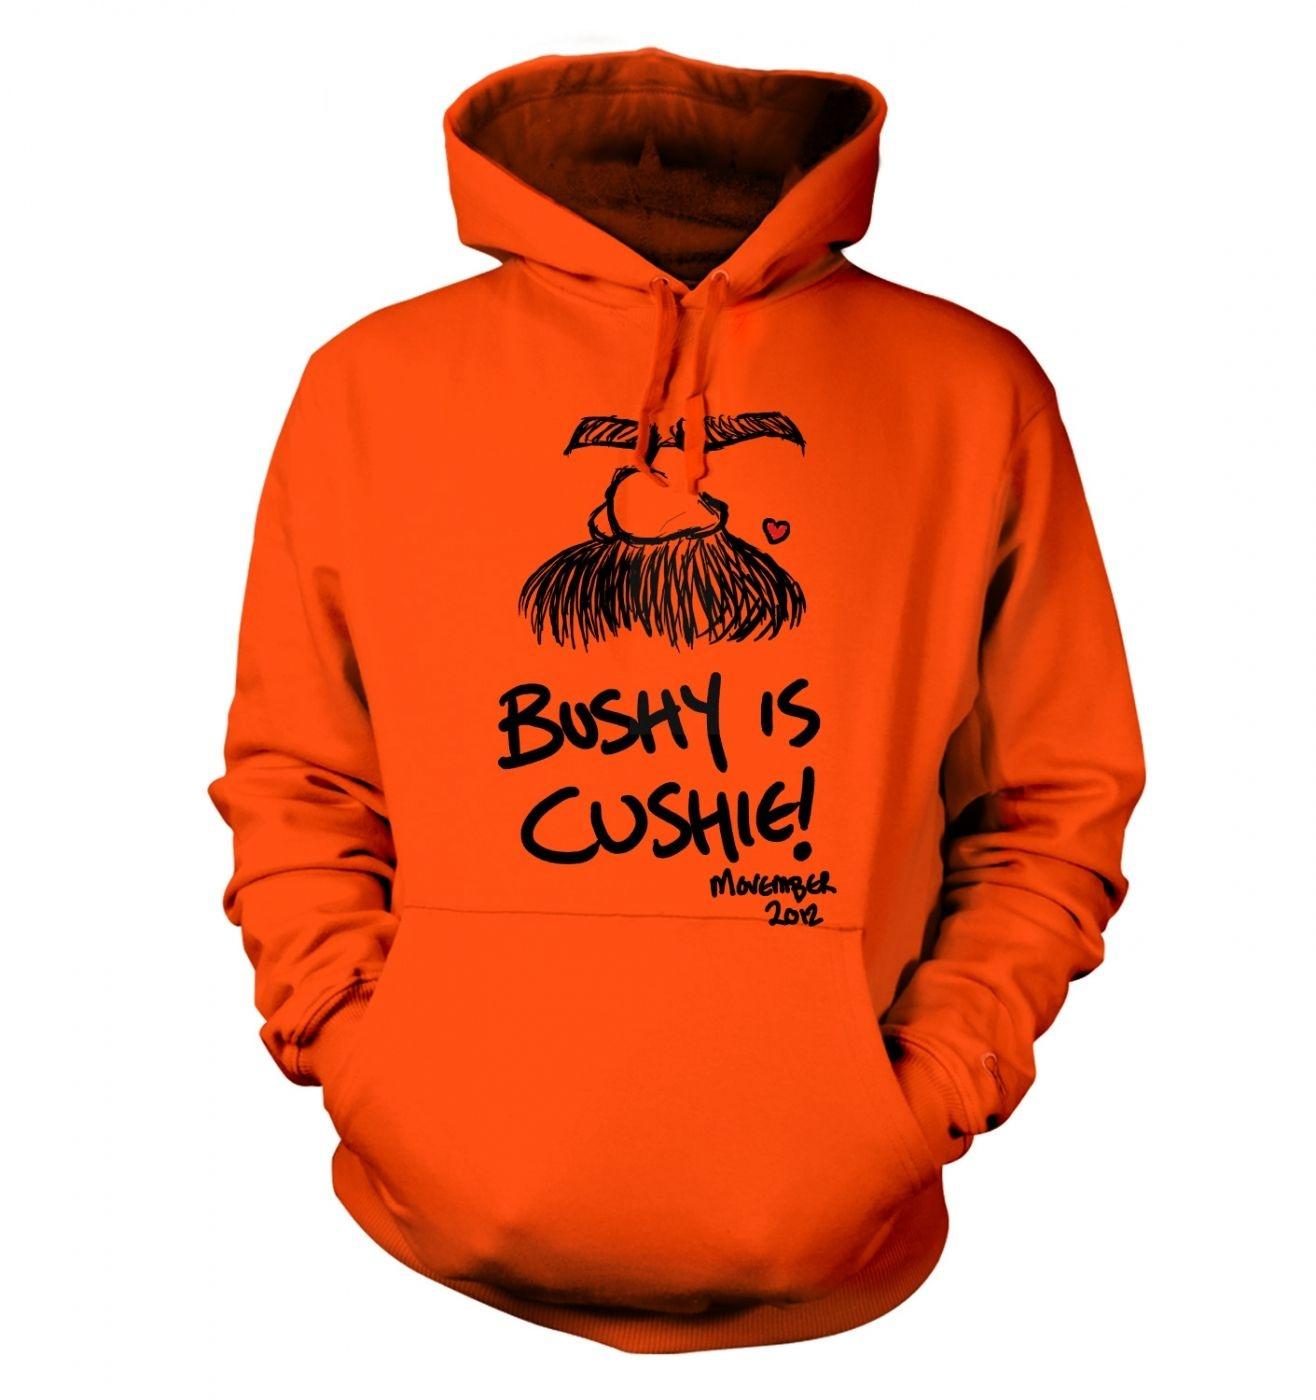 Bushy is cushie! - Adult Hoodie